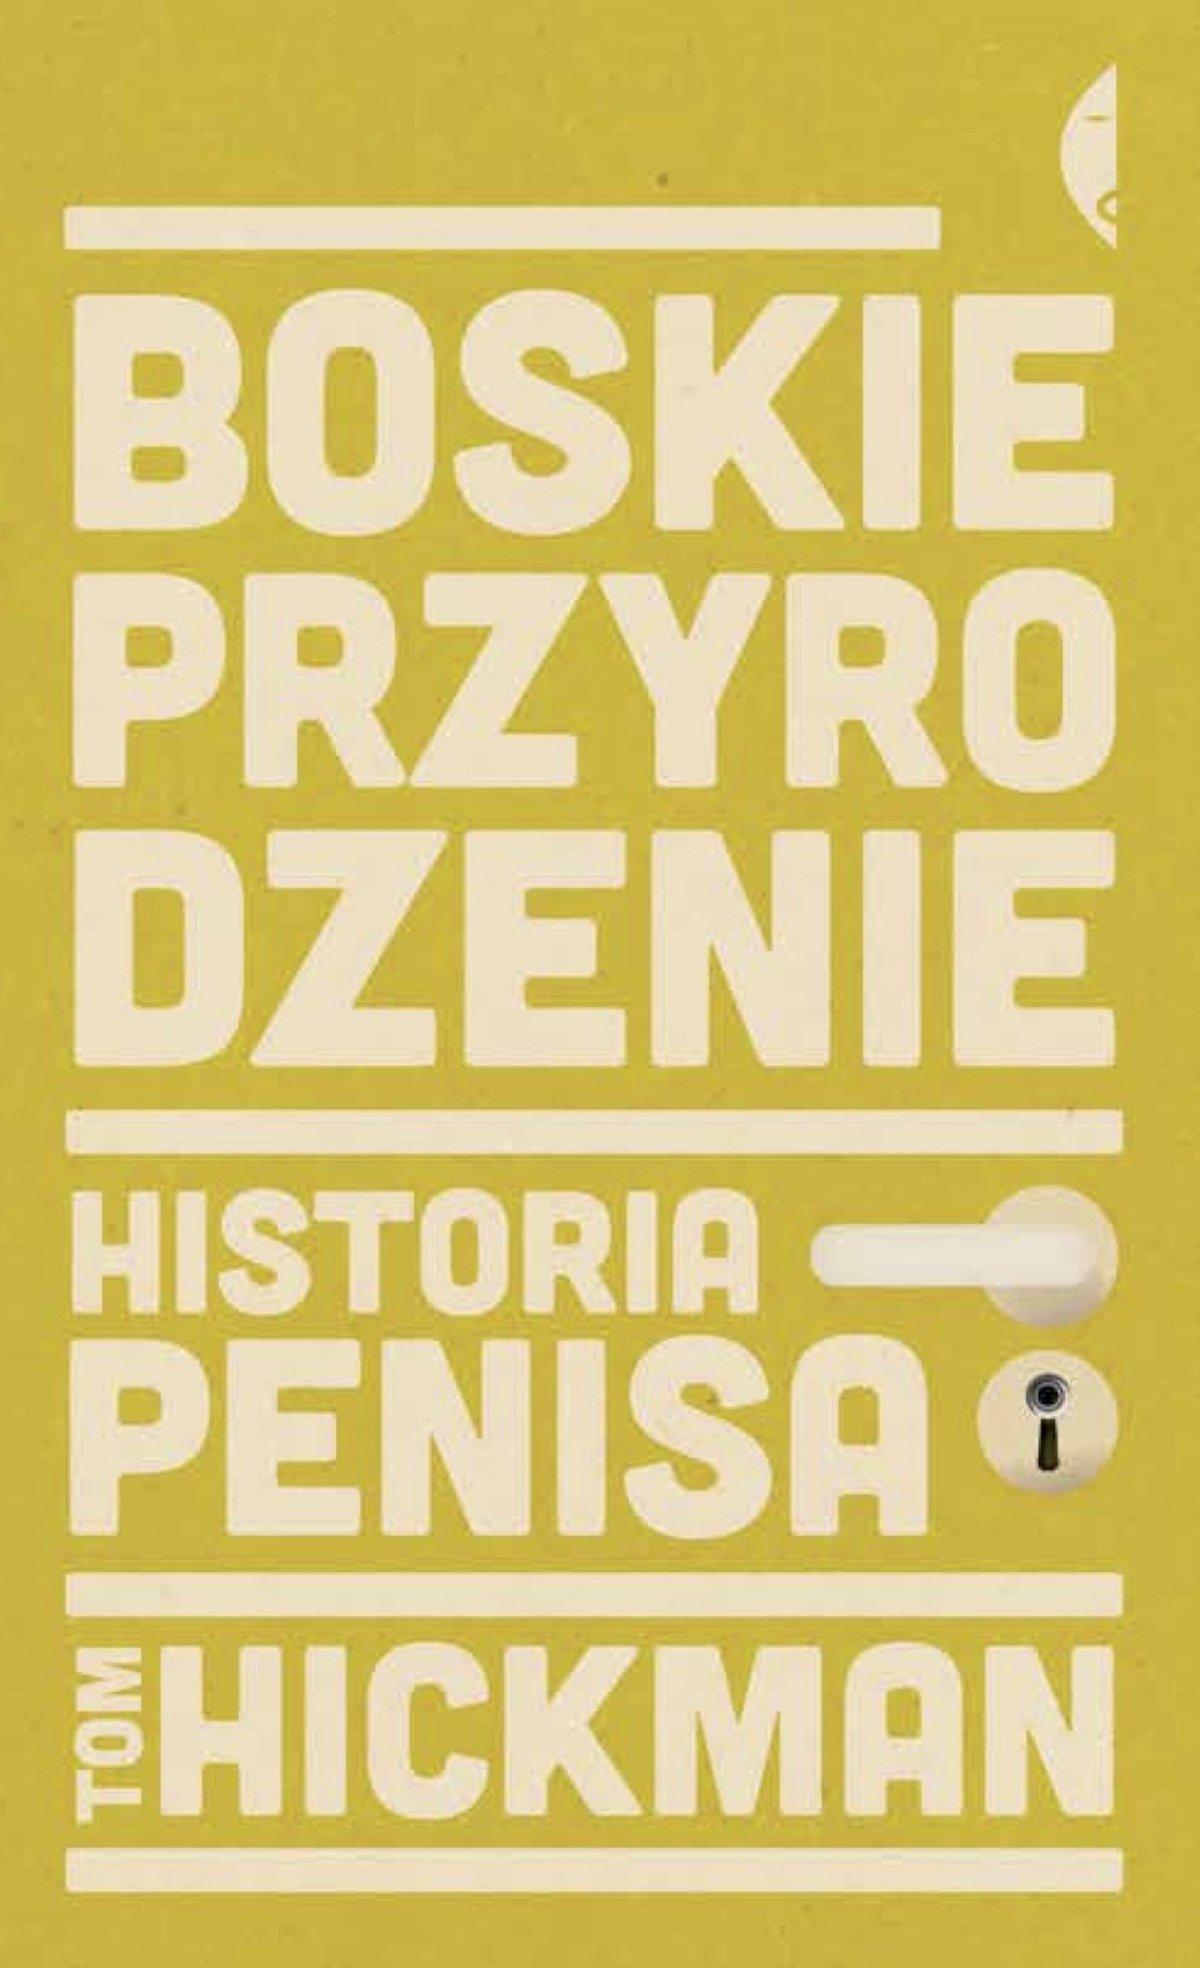 Boskie przyrodzenie. Historia penisa - Ebook (Książka EPUB) do pobrania w formacie EPUB